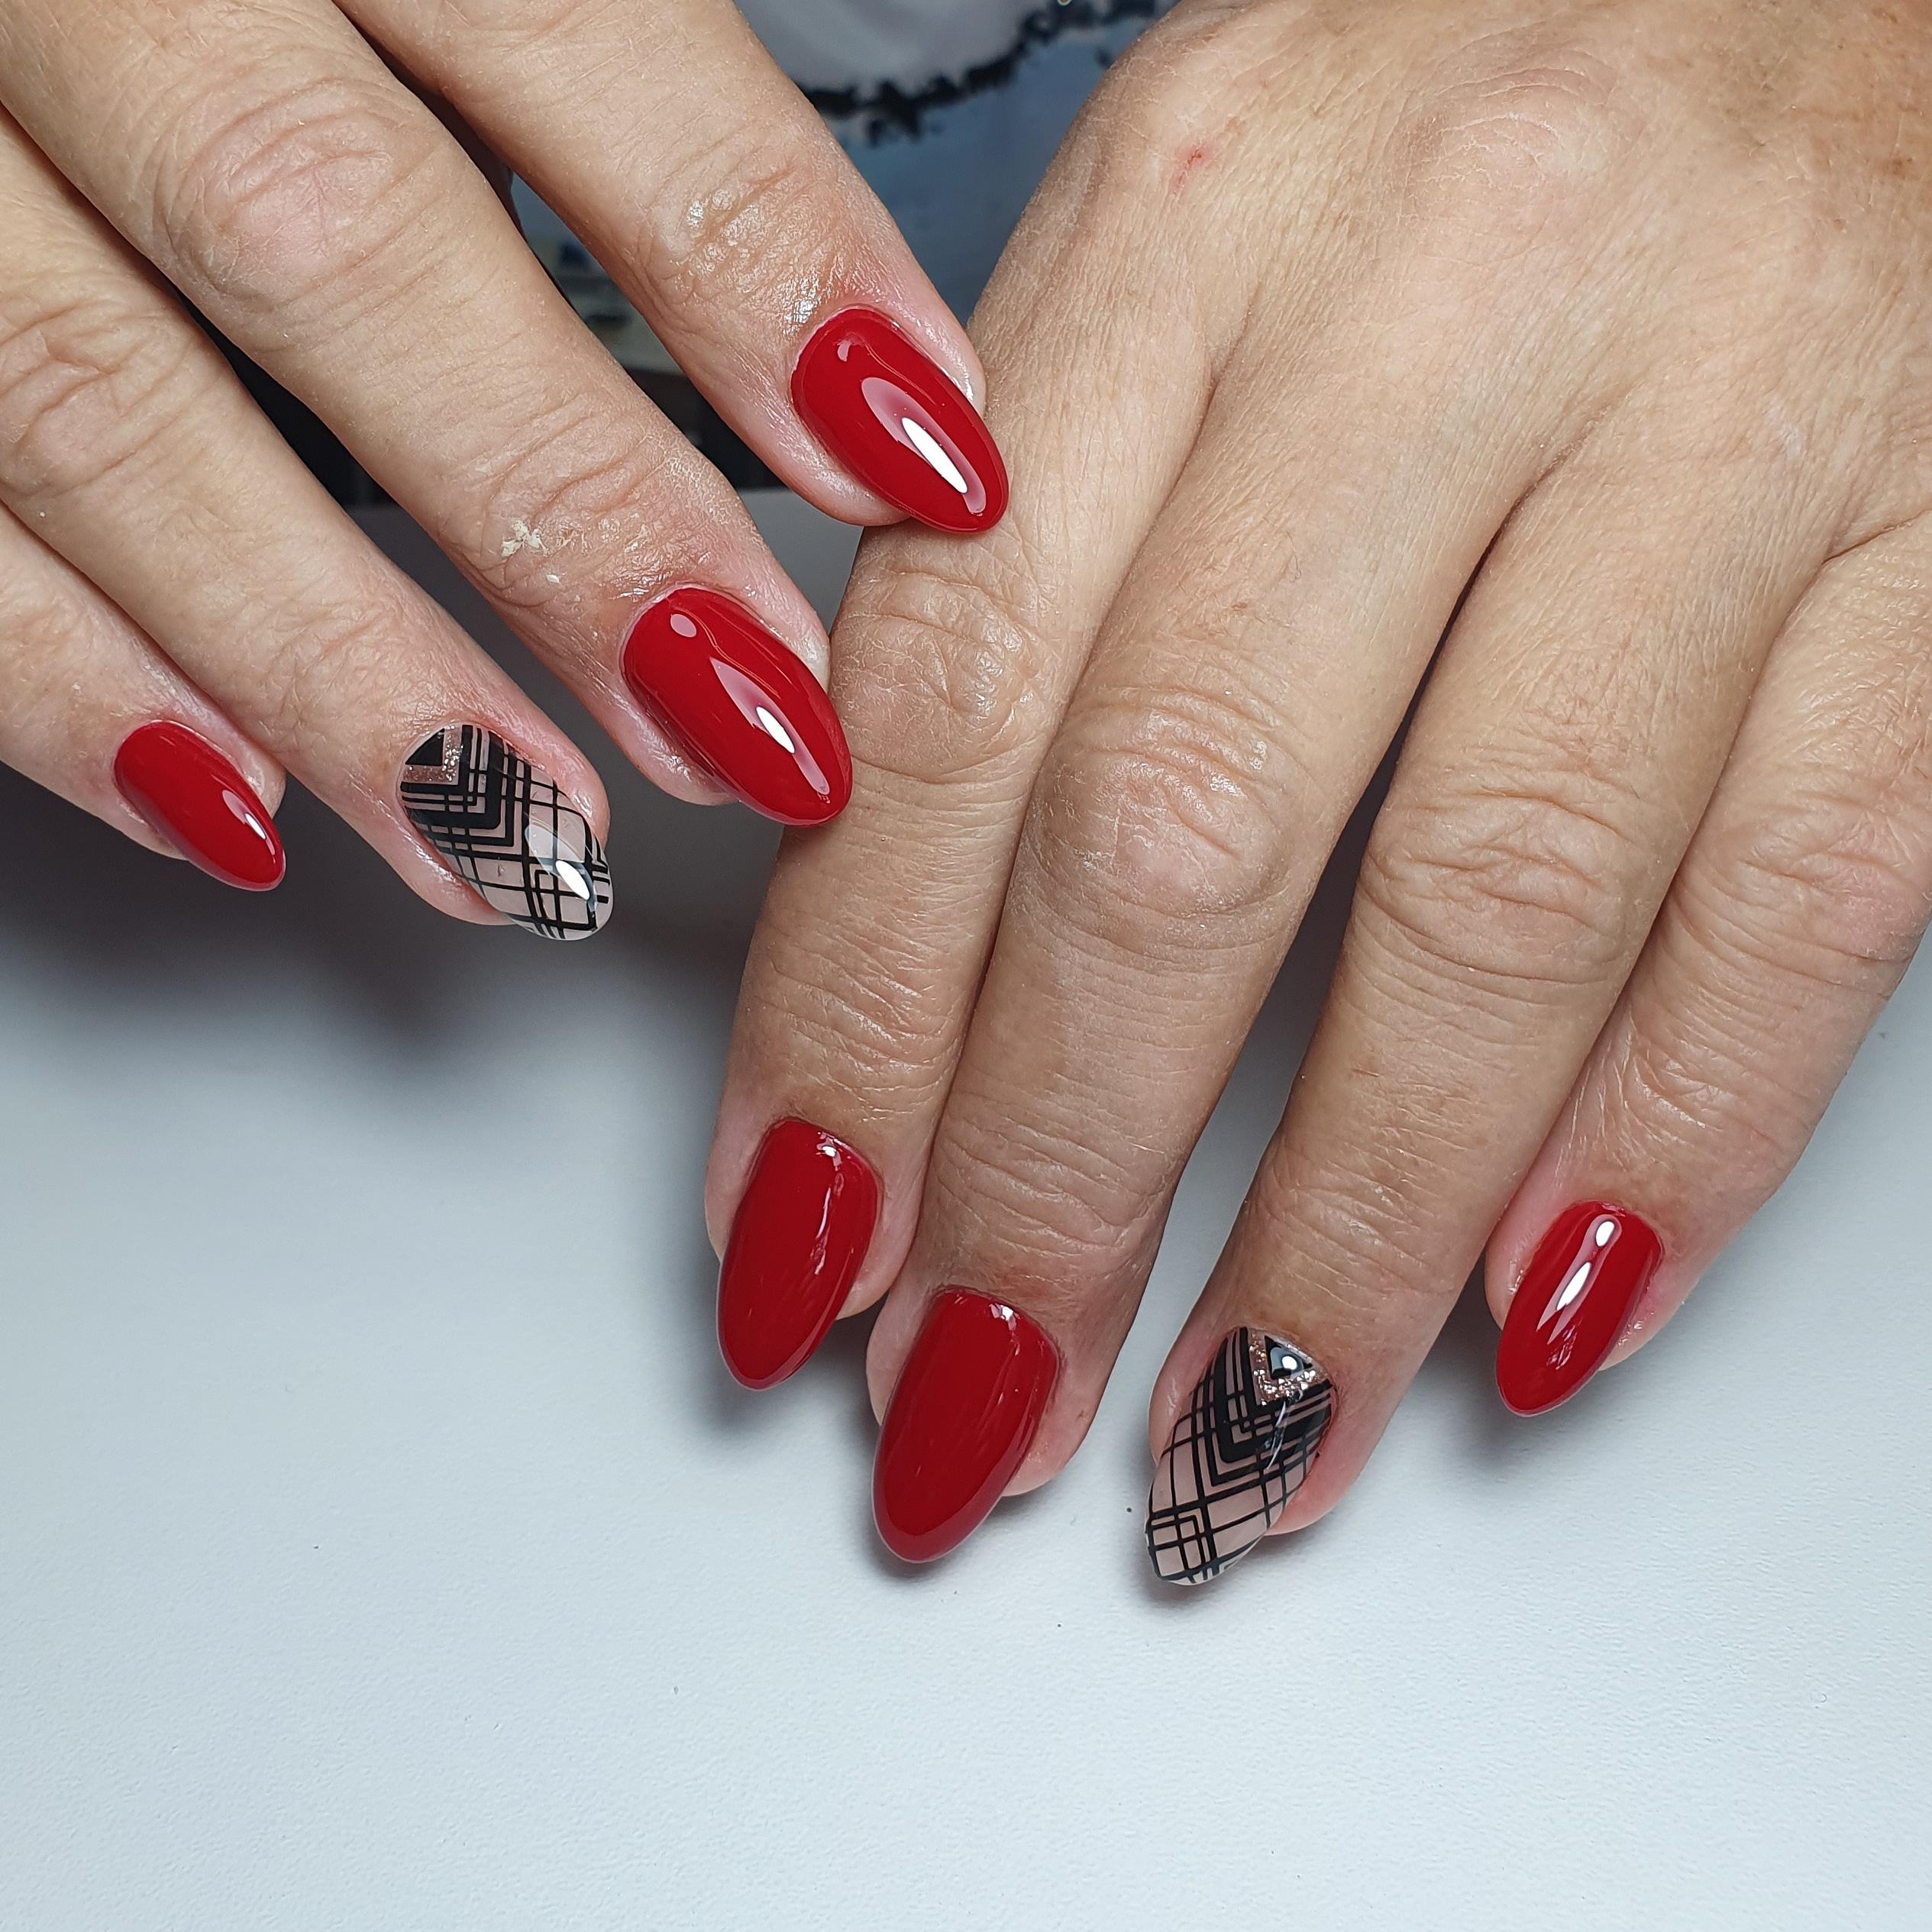 Геометрический маникюр в красном цвете.